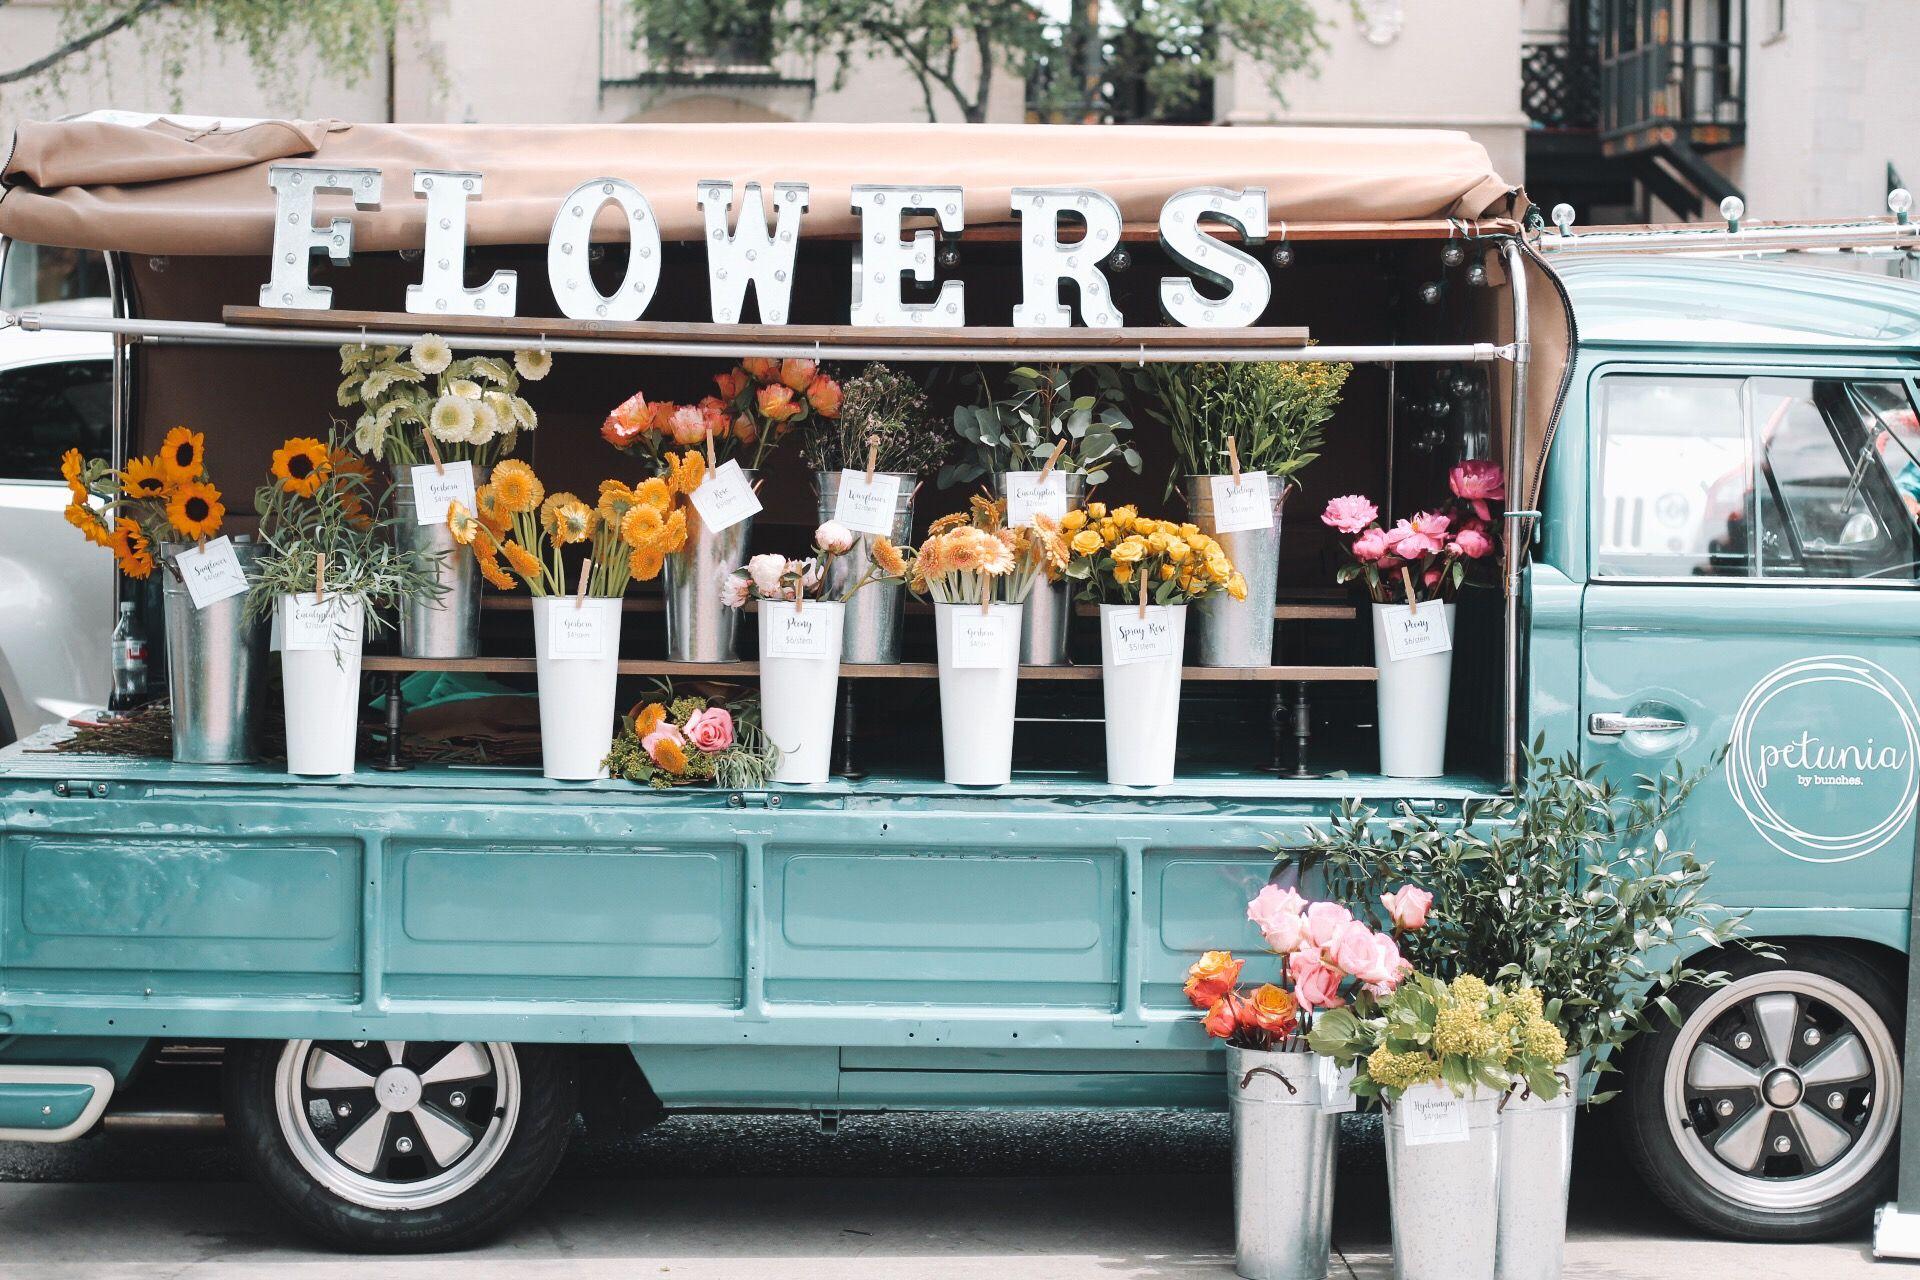 Flower Truck In Dallas Tx Flower Truck Flower Farm Flower Shop